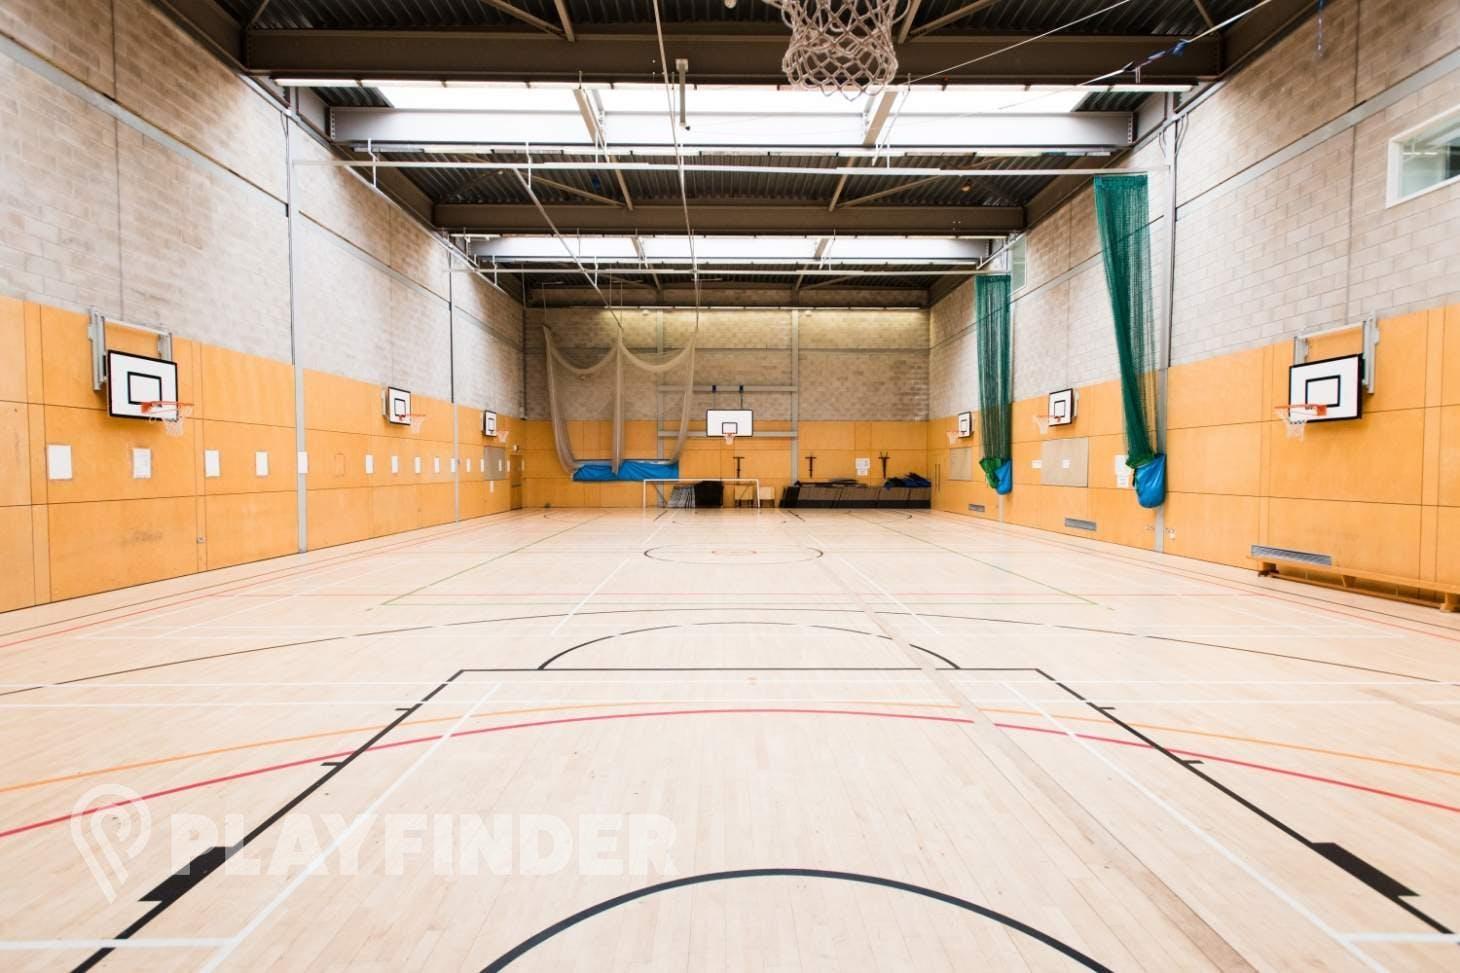 Haverstock School Indoor netball court